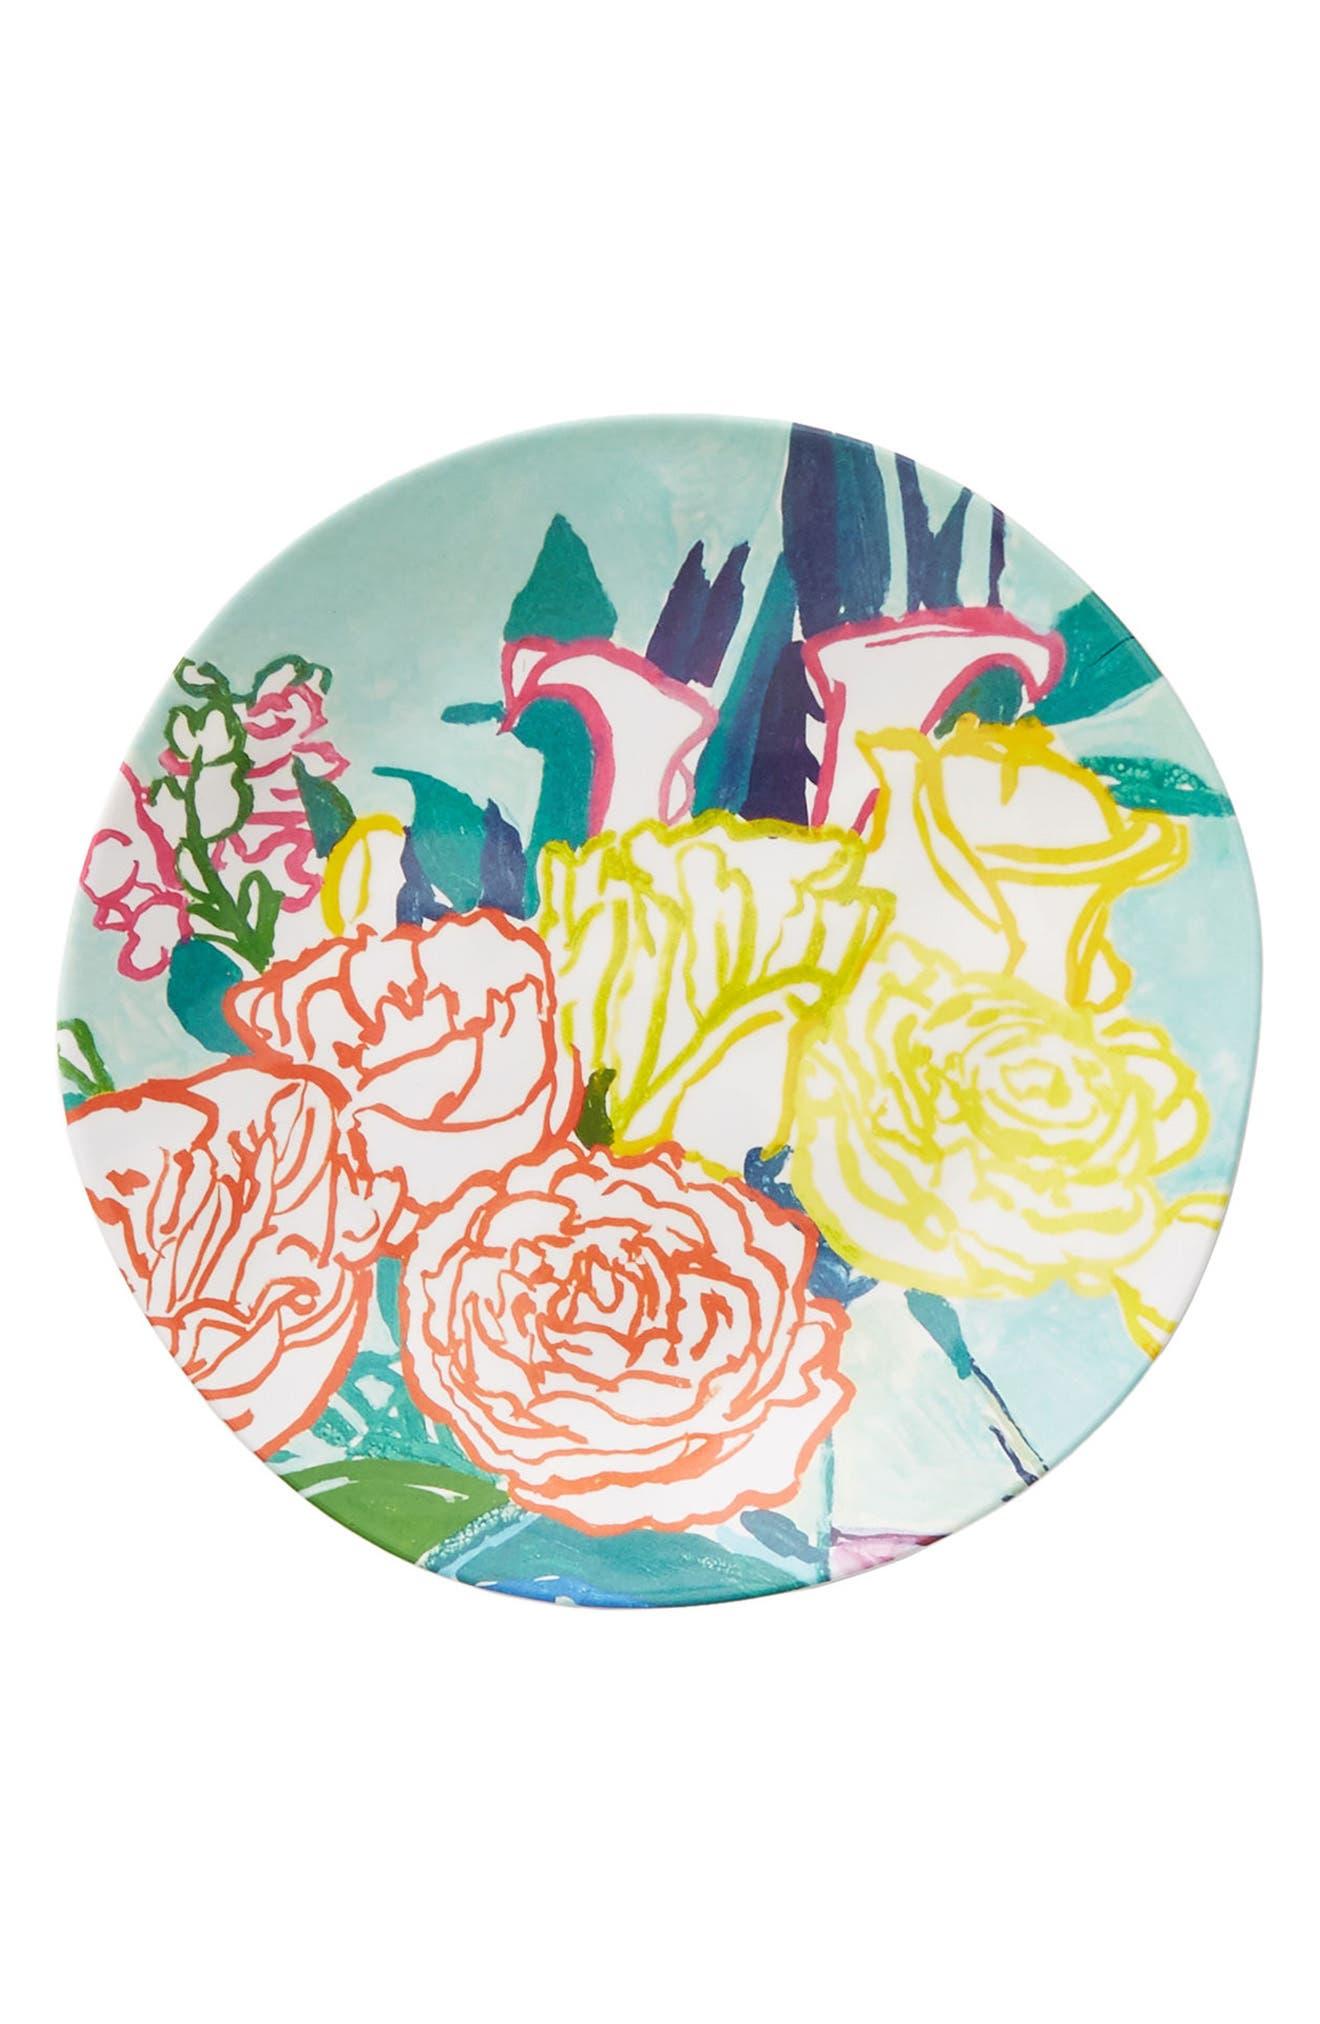 Paint + Petals Melamine Plate,                             Alternate thumbnail 3, color,                             TURQUOISE